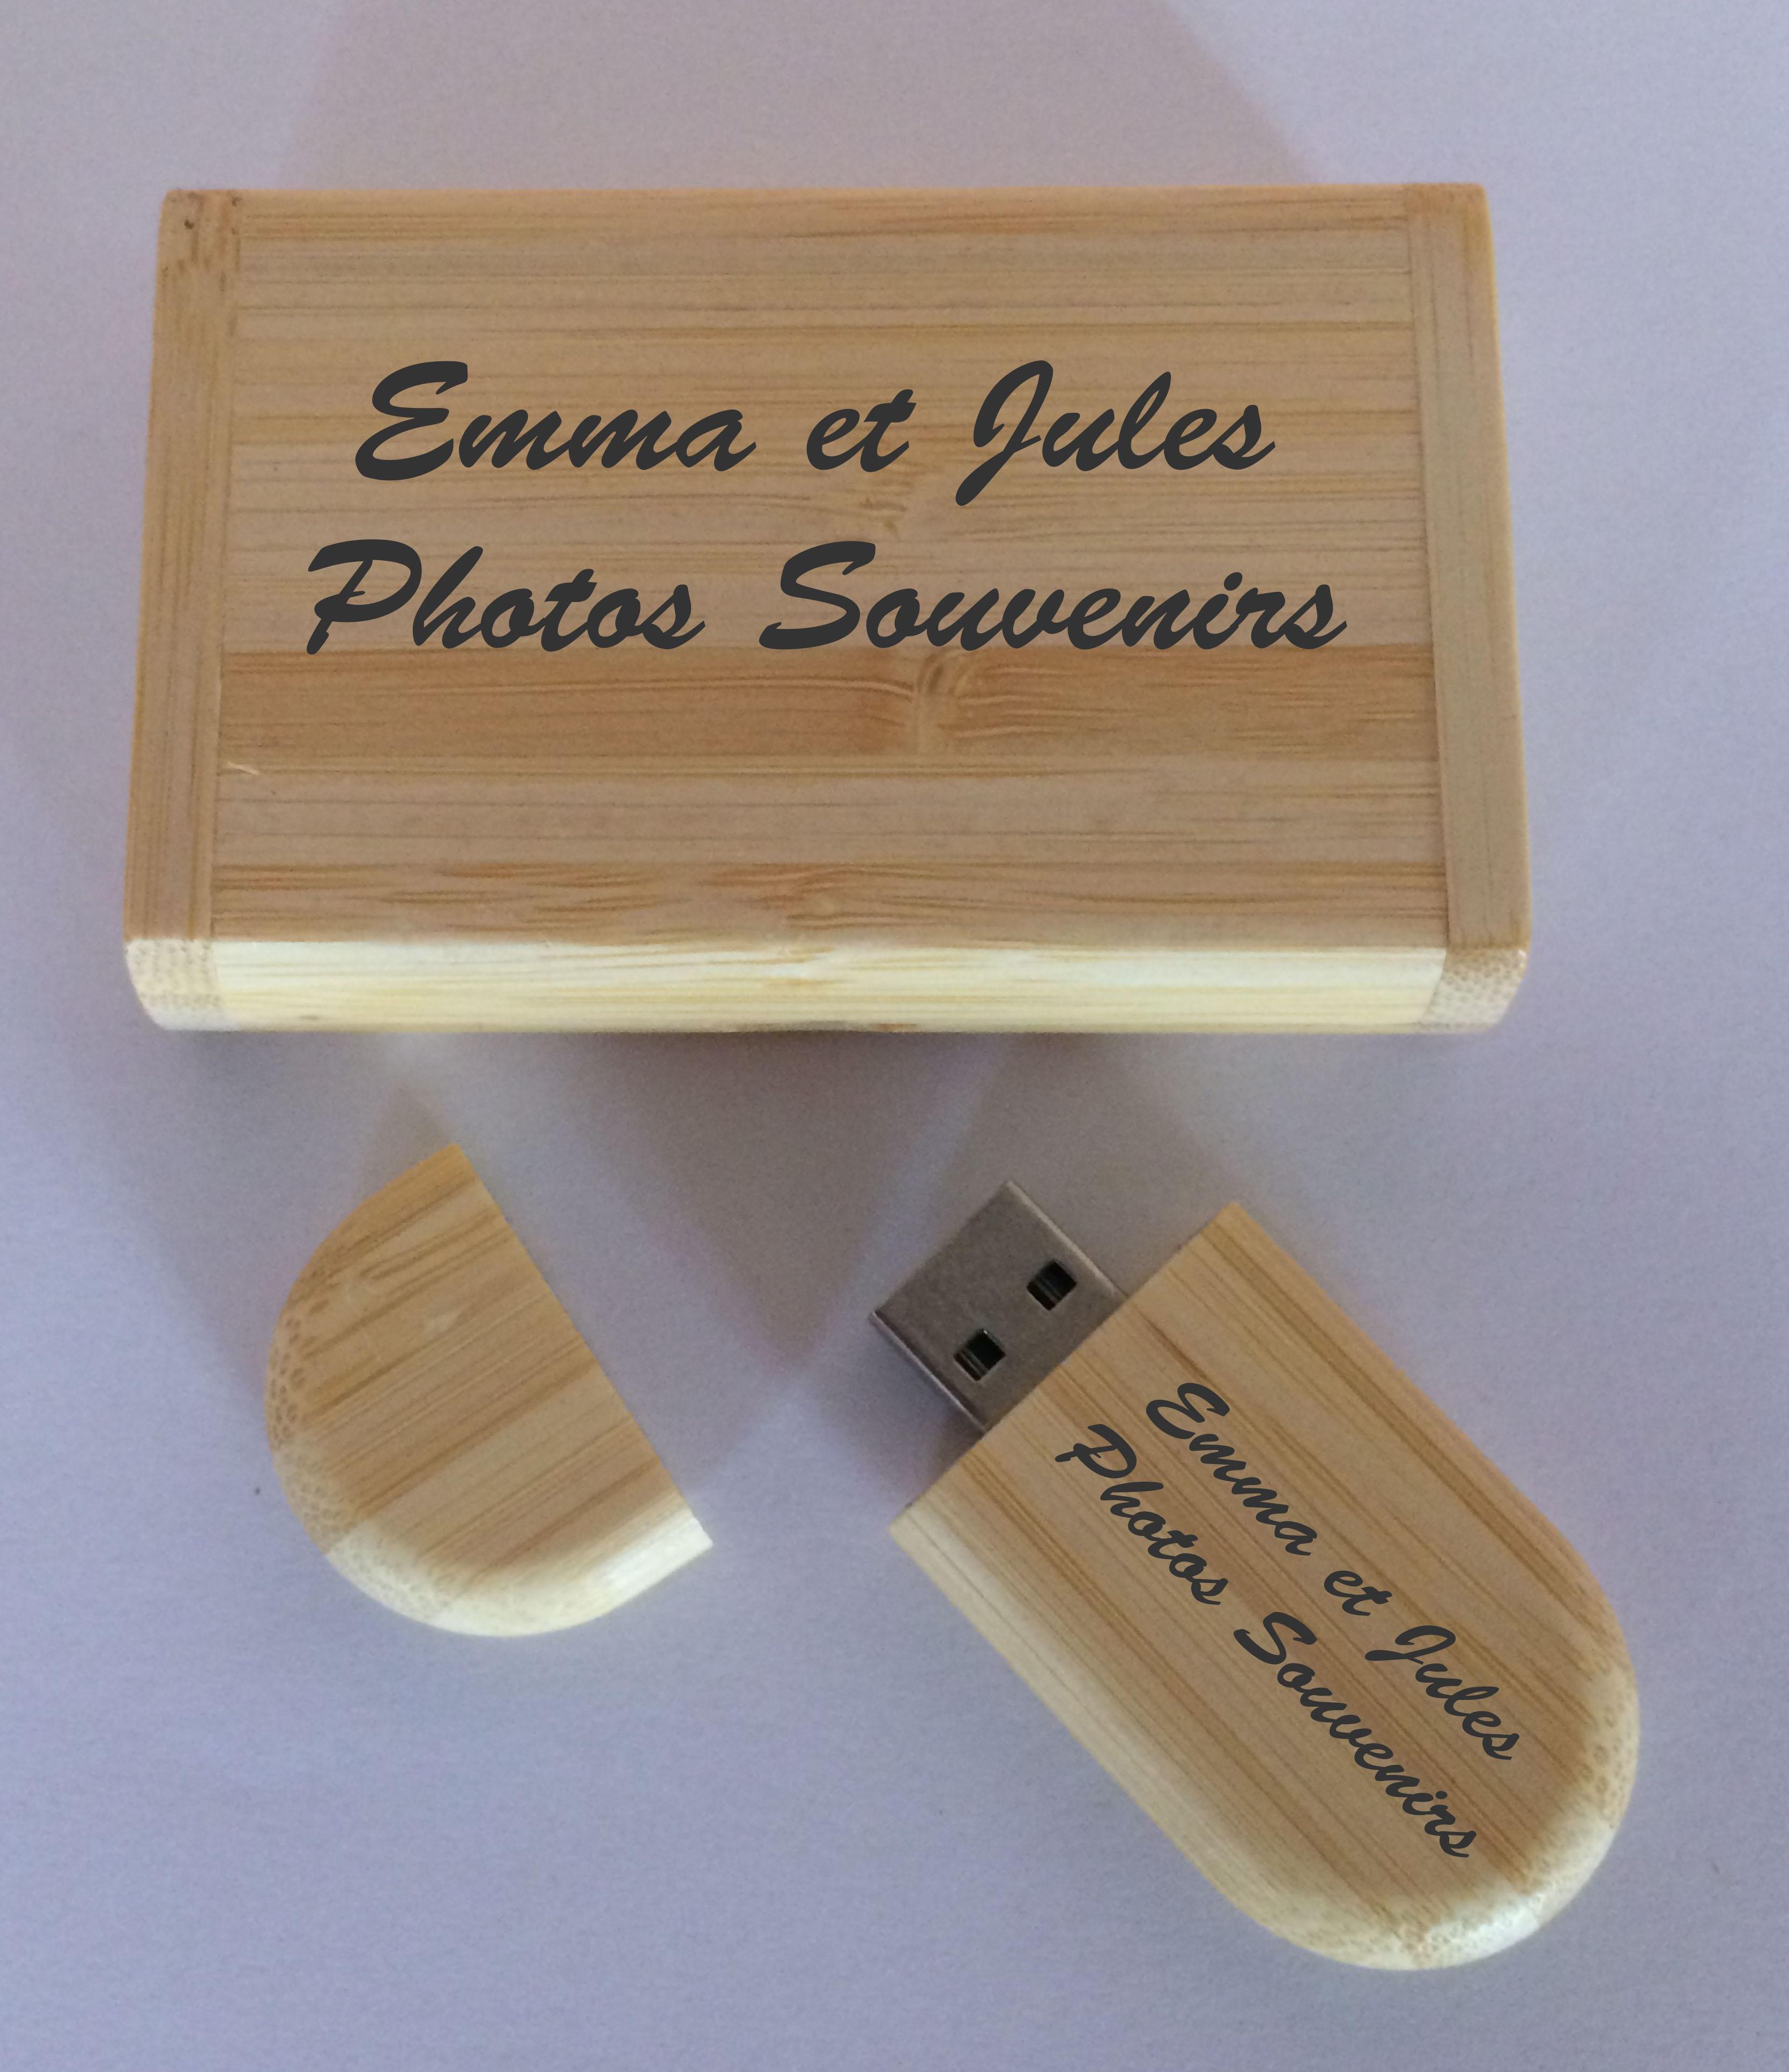 cl usb 32 go personnalisable en bambou avec la boite gravure pr nom. Black Bedroom Furniture Sets. Home Design Ideas